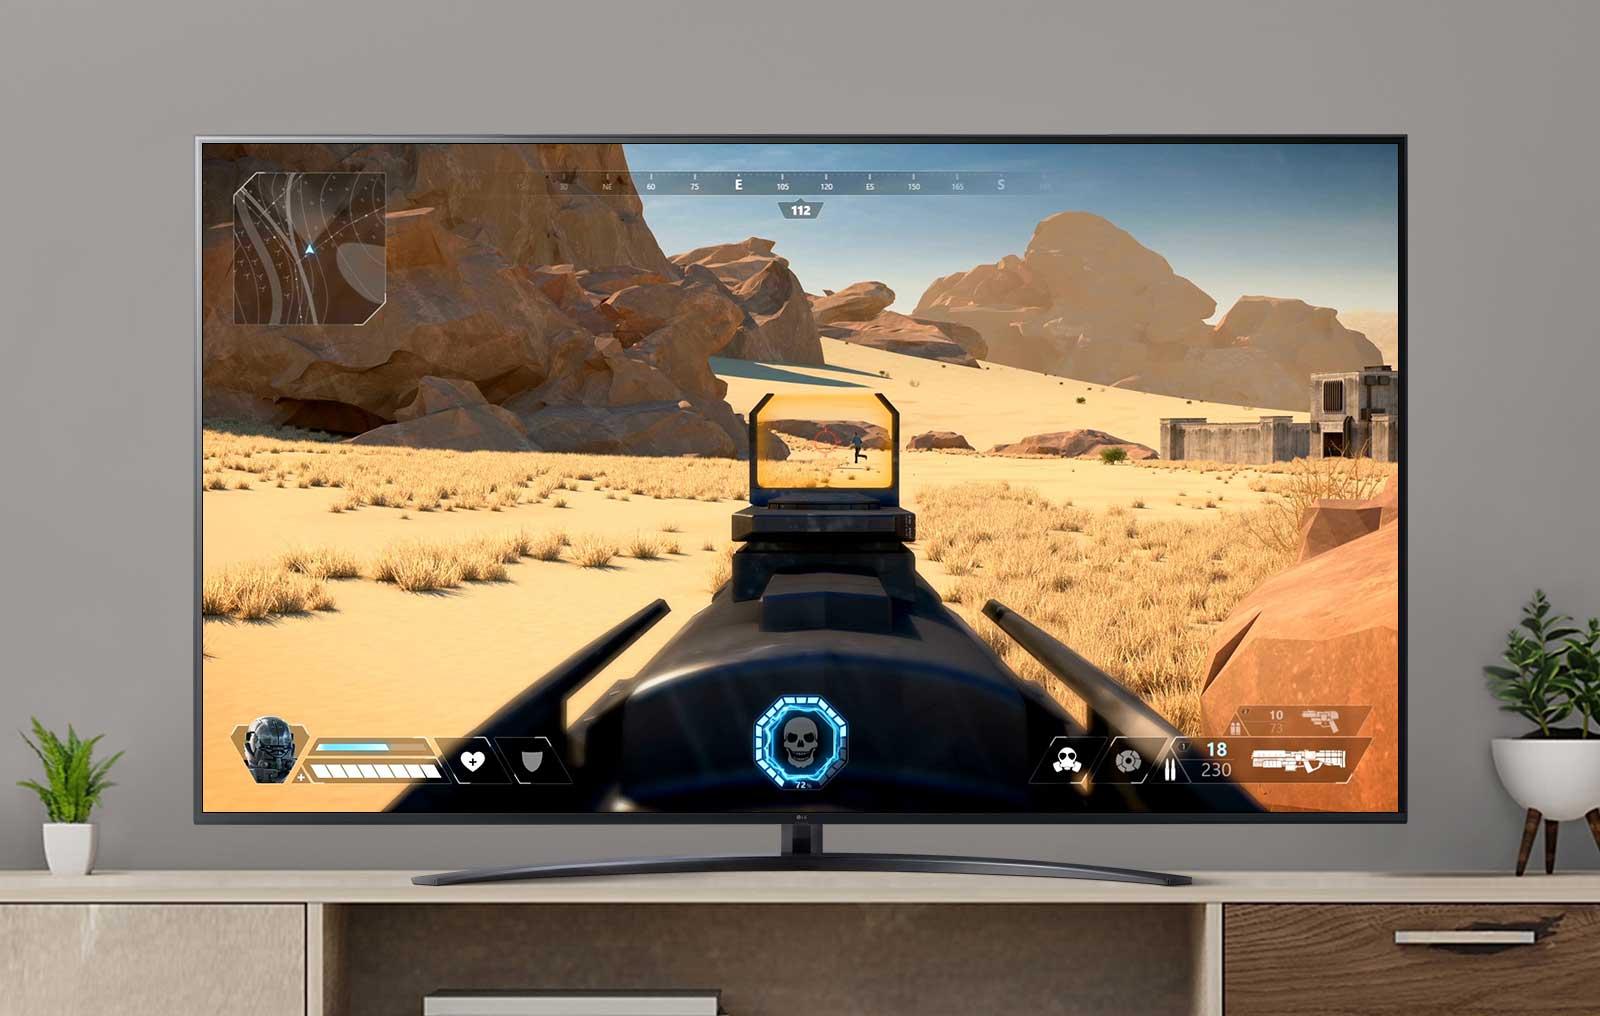 Экран телевизора с шутером от первого лица с игроком, стреляющим во врага. (просмотр видео)